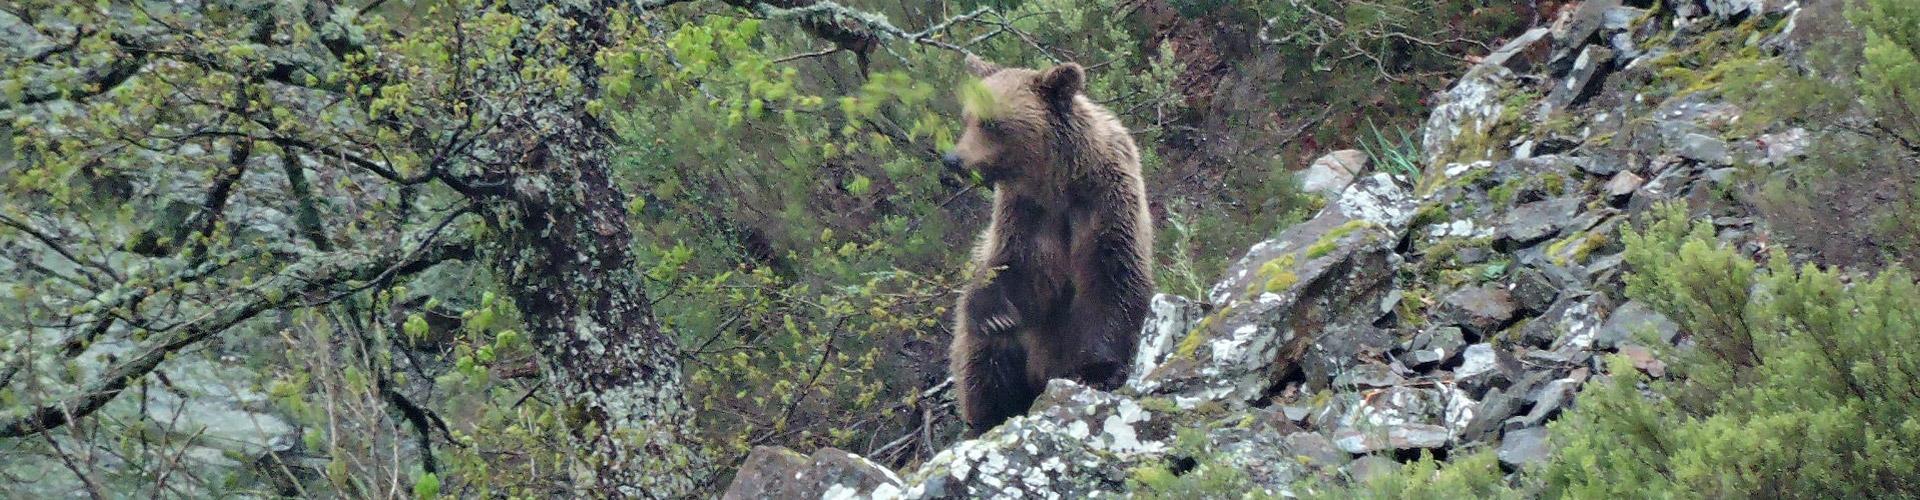 oso-pardo-reserva-muniellos-asturias